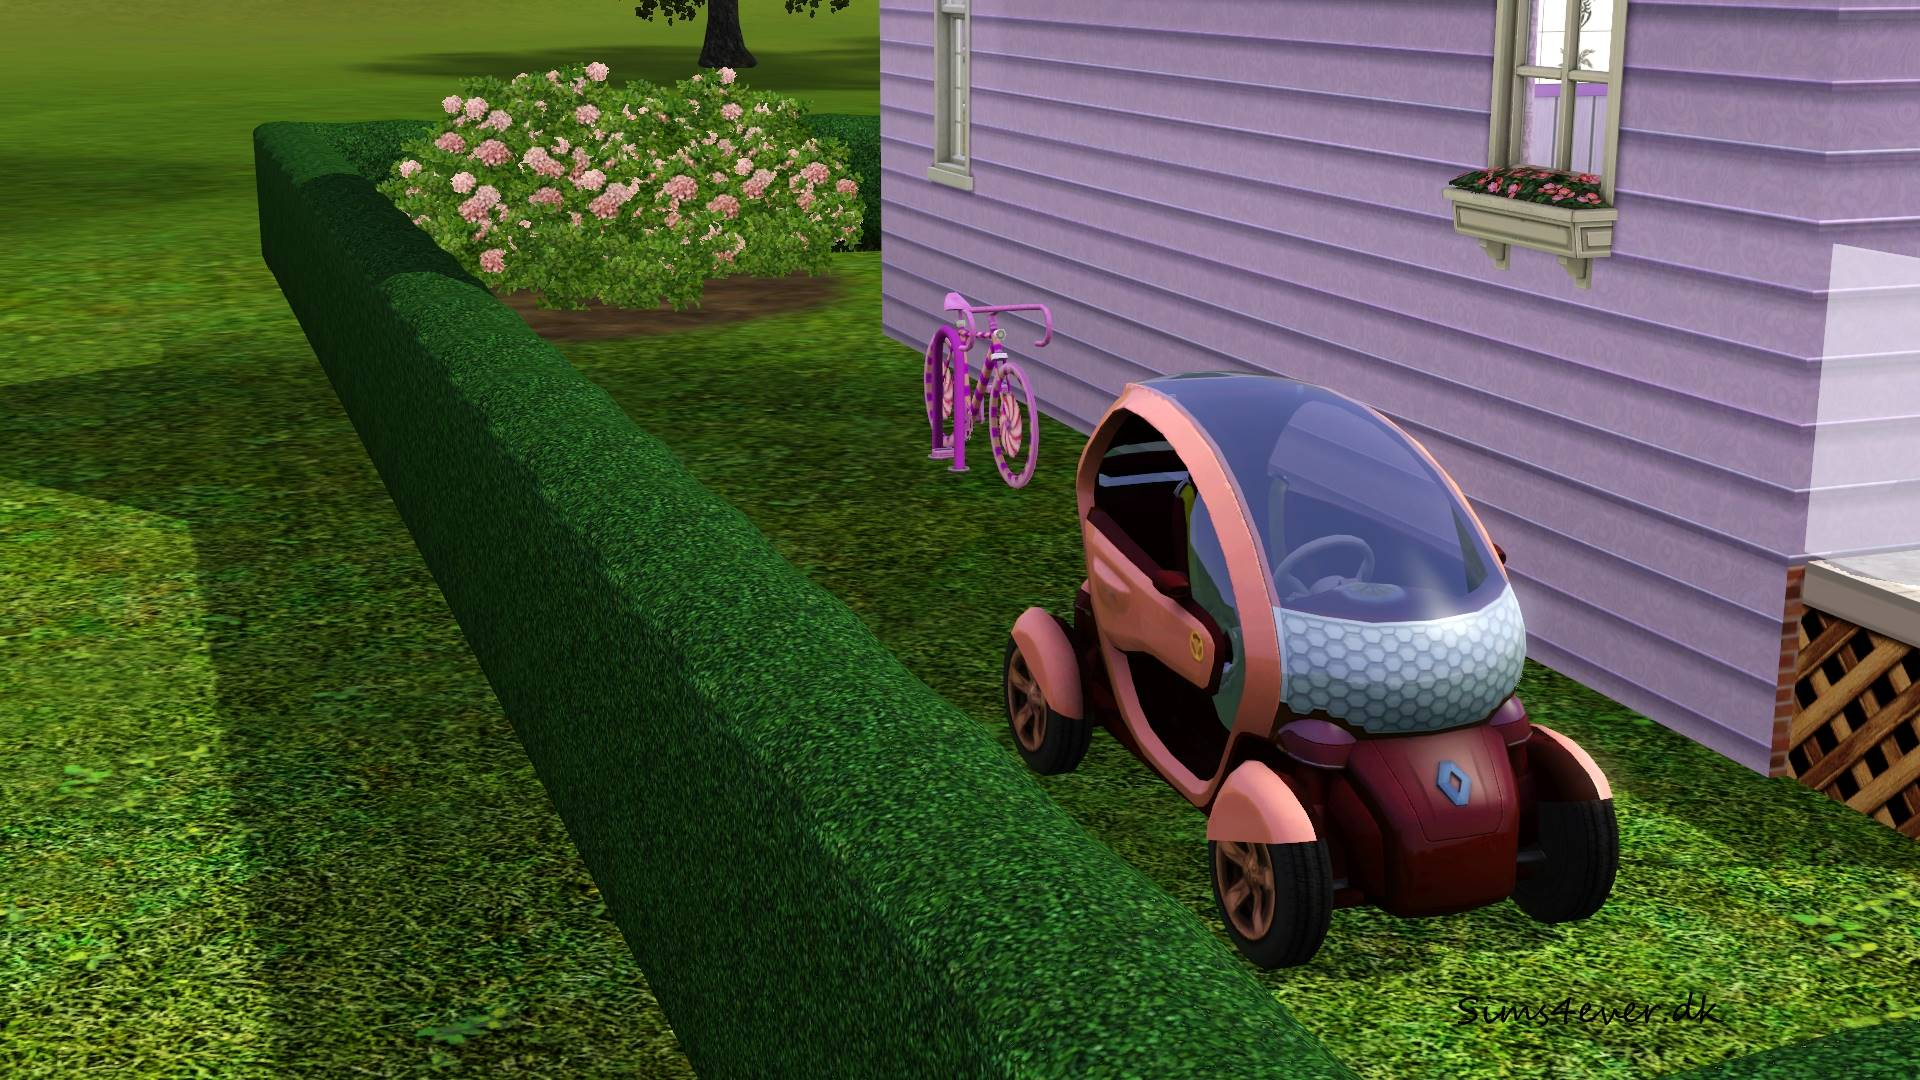 En fiks lille bil